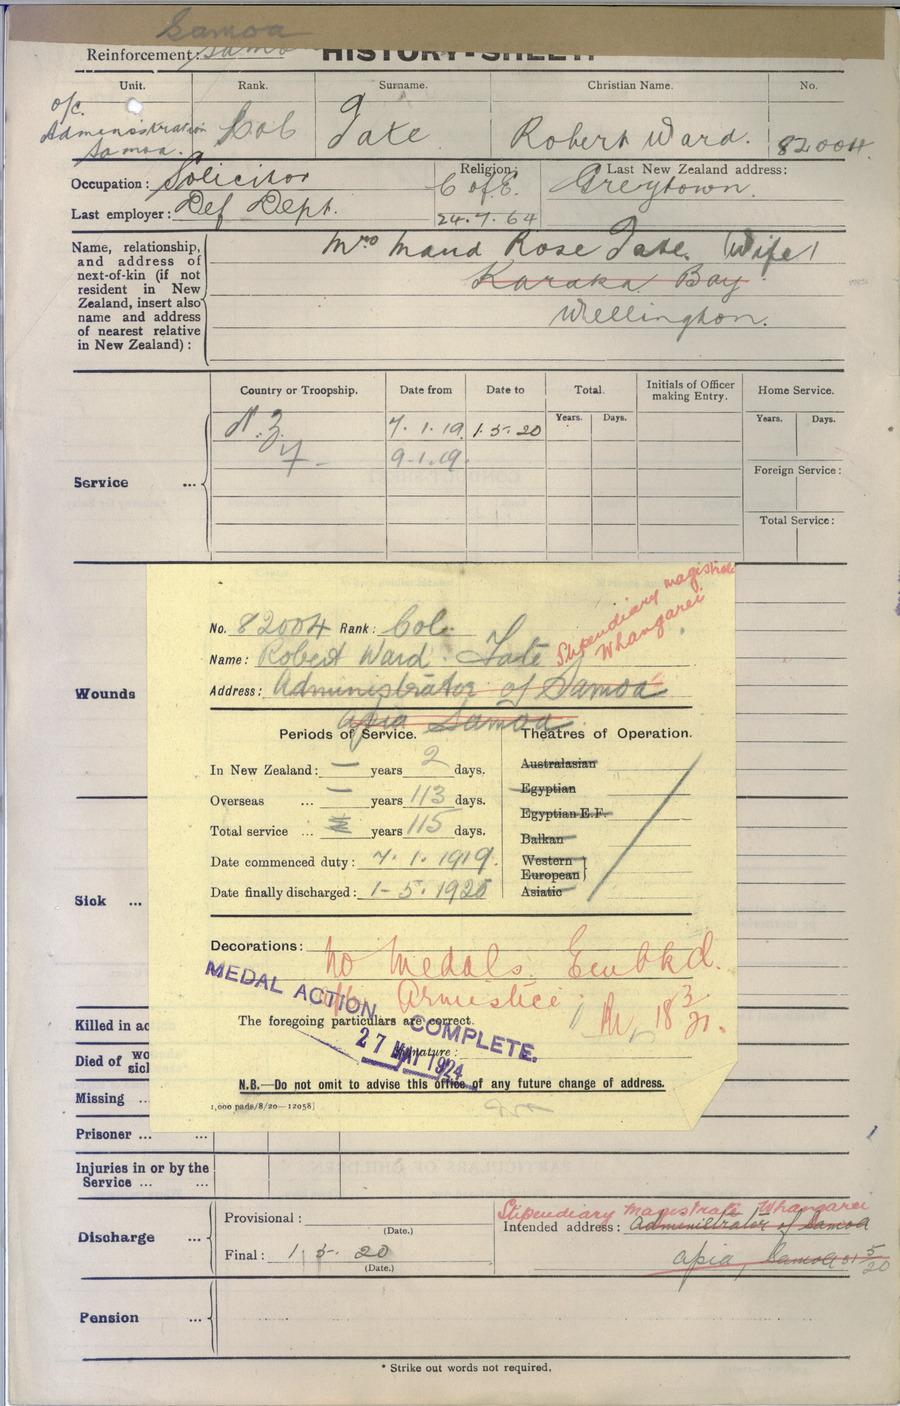 TATE, Robert Ward - WW1 82004 - Army